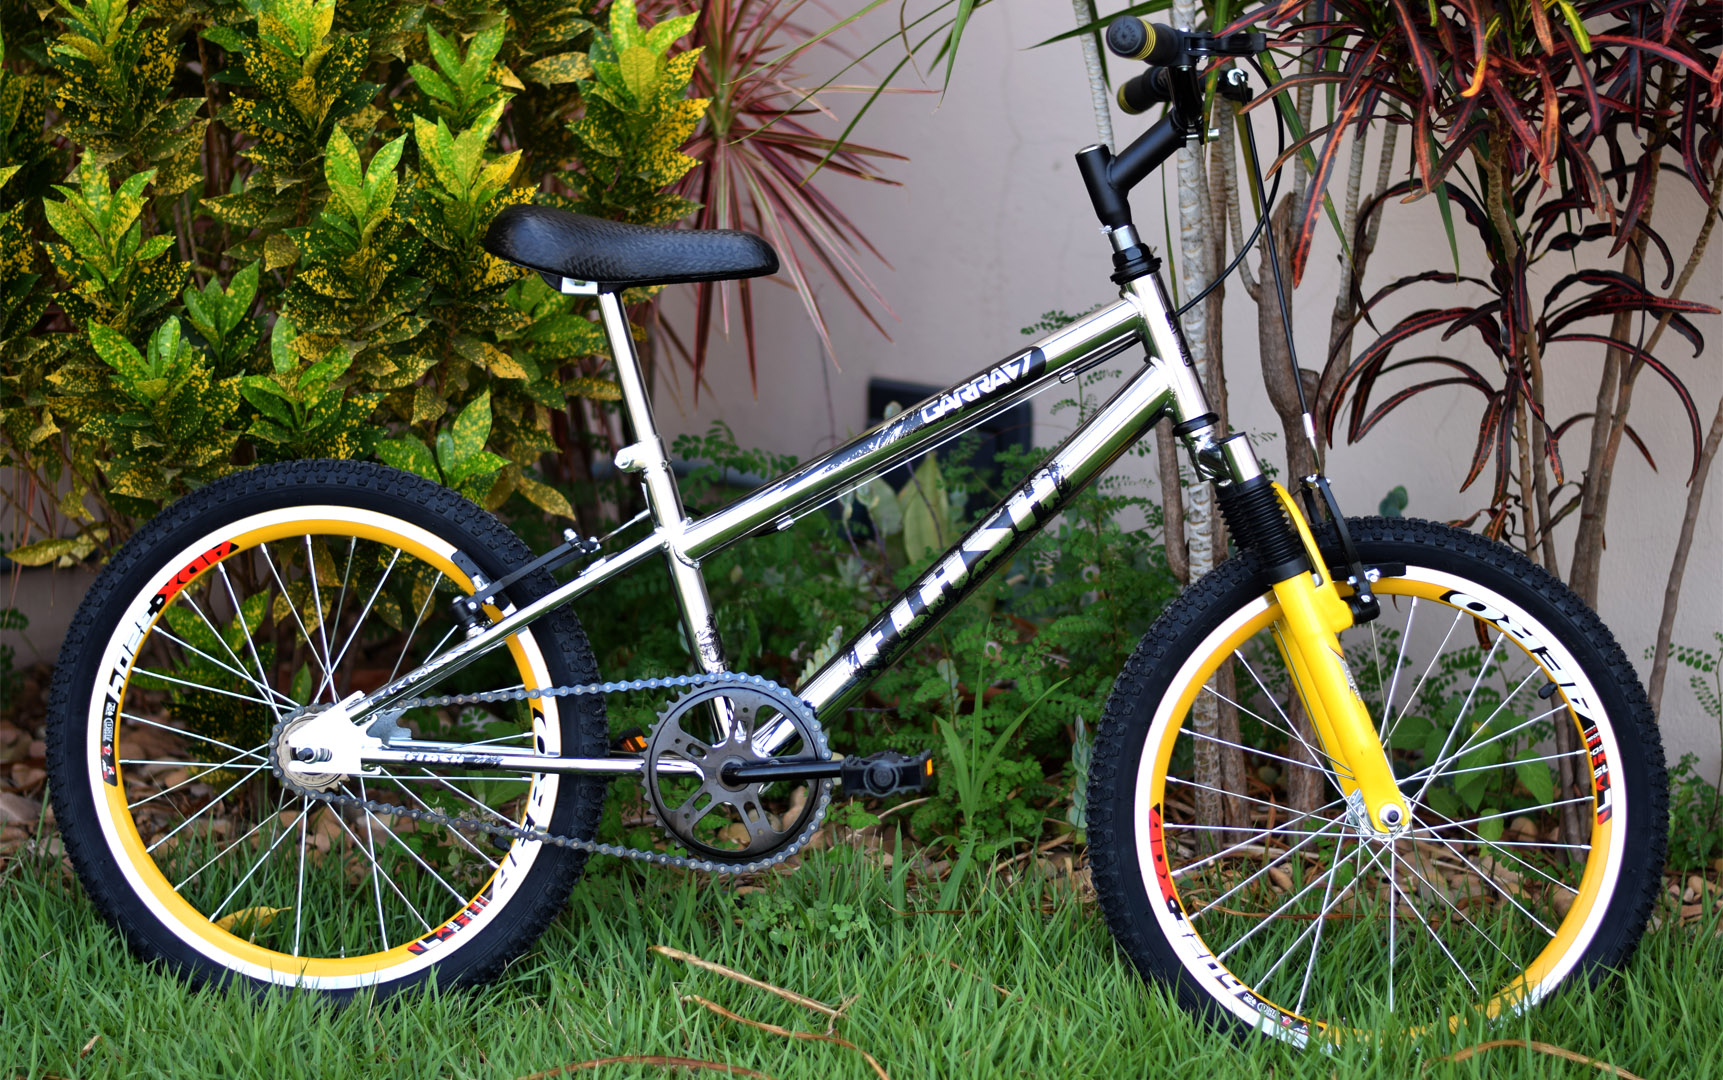 bicicleta infantil aro 20 com suspensão